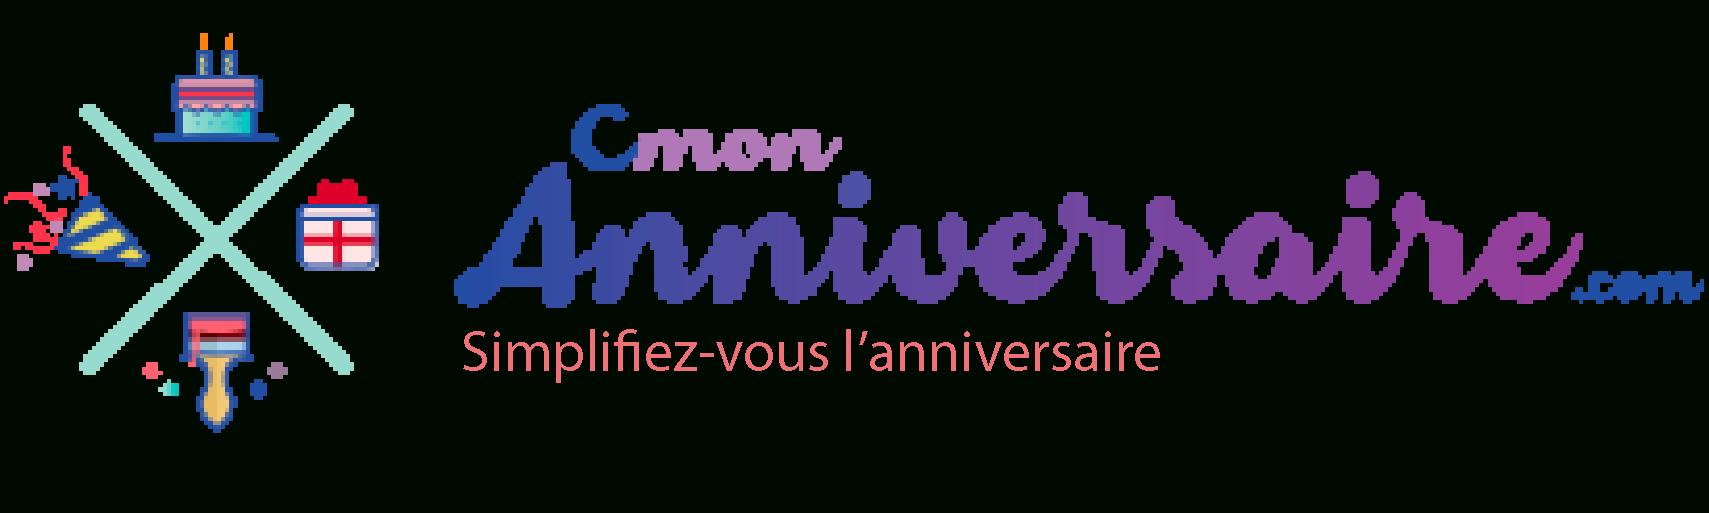 Textes D'anniversaire Humoristiques - Modèle De Texte Gratuits ! encequiconcerne Bon Anniversaire Humour Video